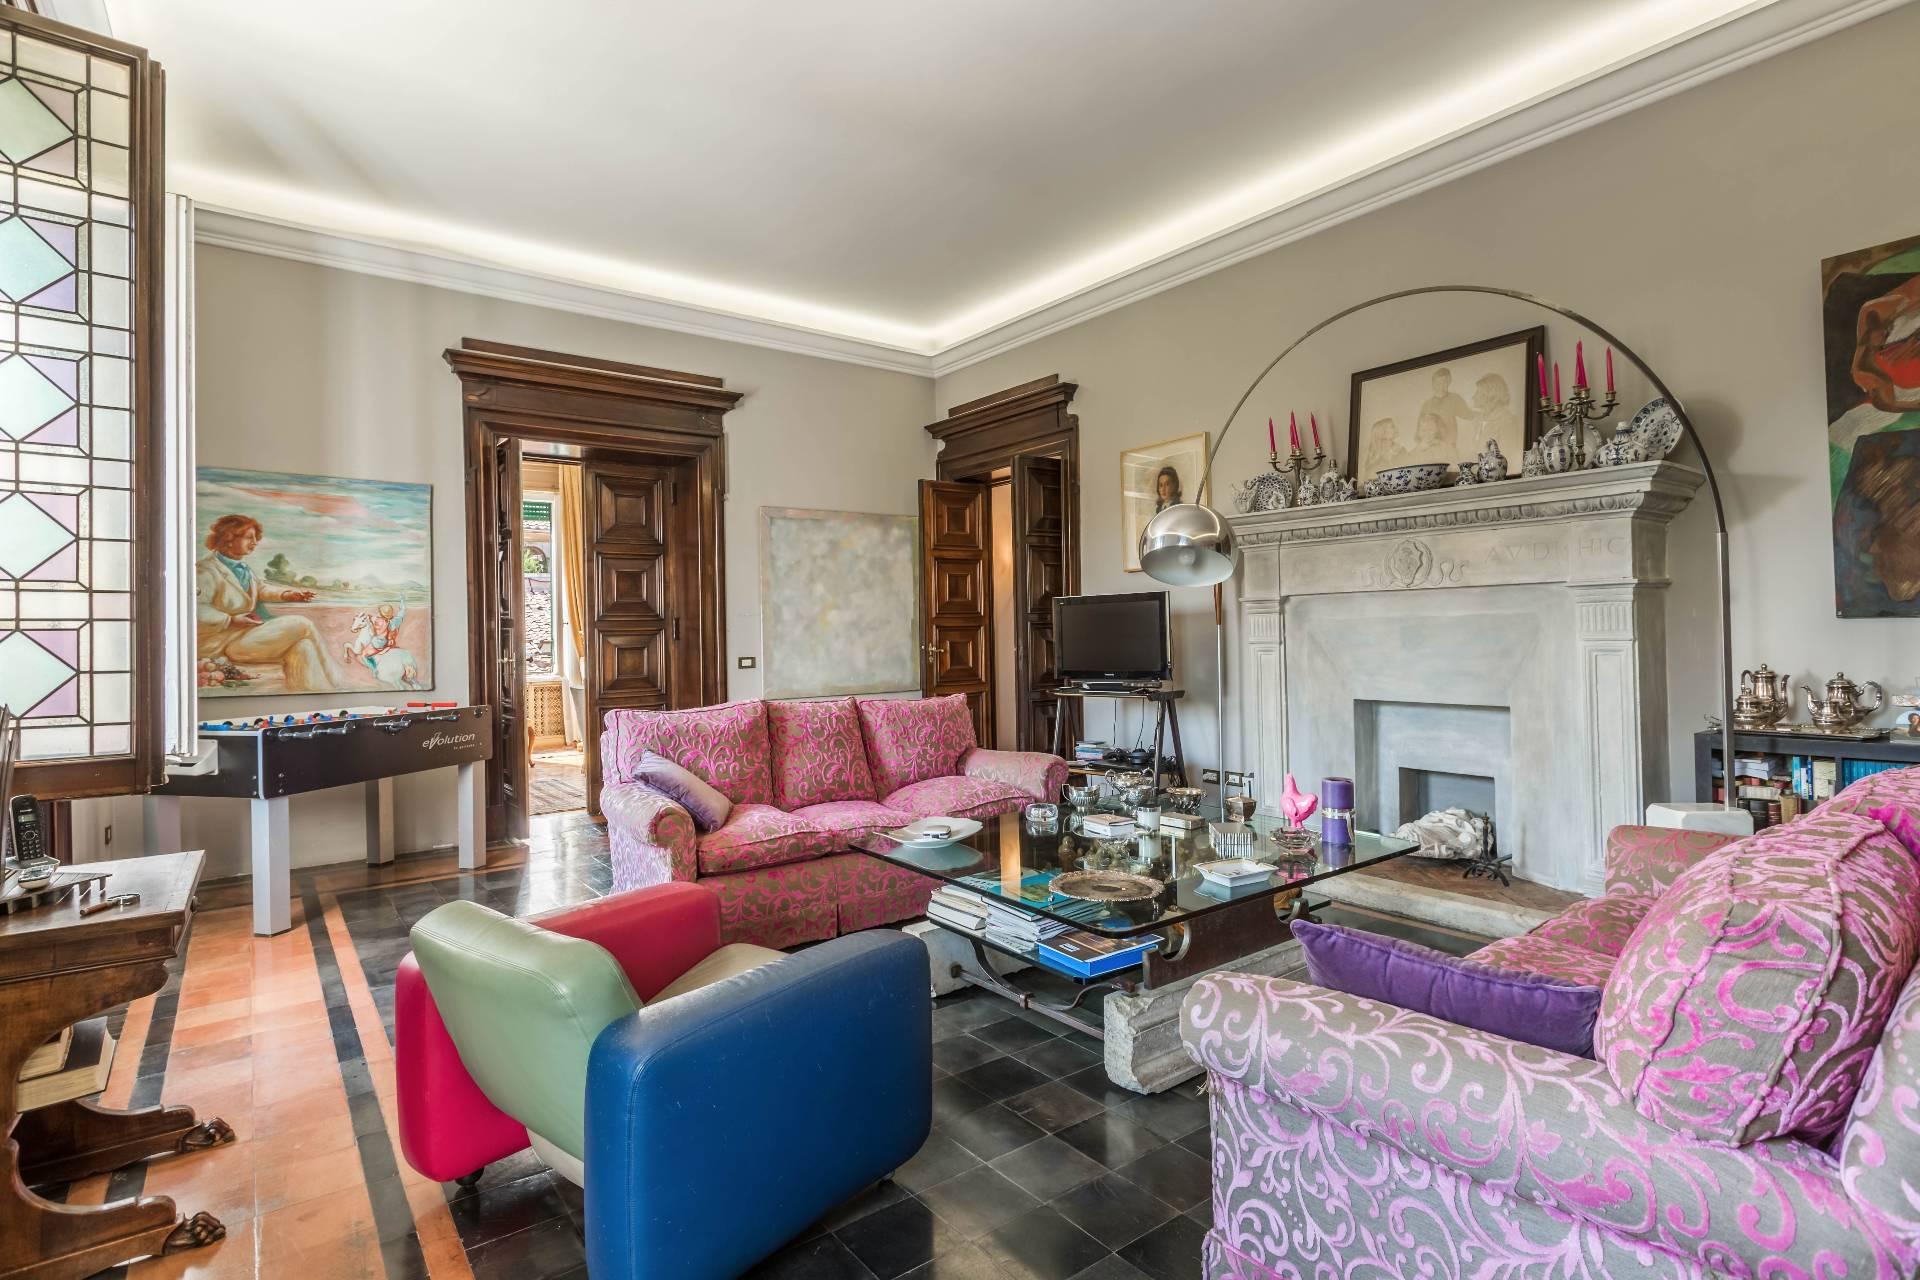 Cbi073 brmq appartamento in vendita a roma nomentano for Grandi planimetrie dell appartamento